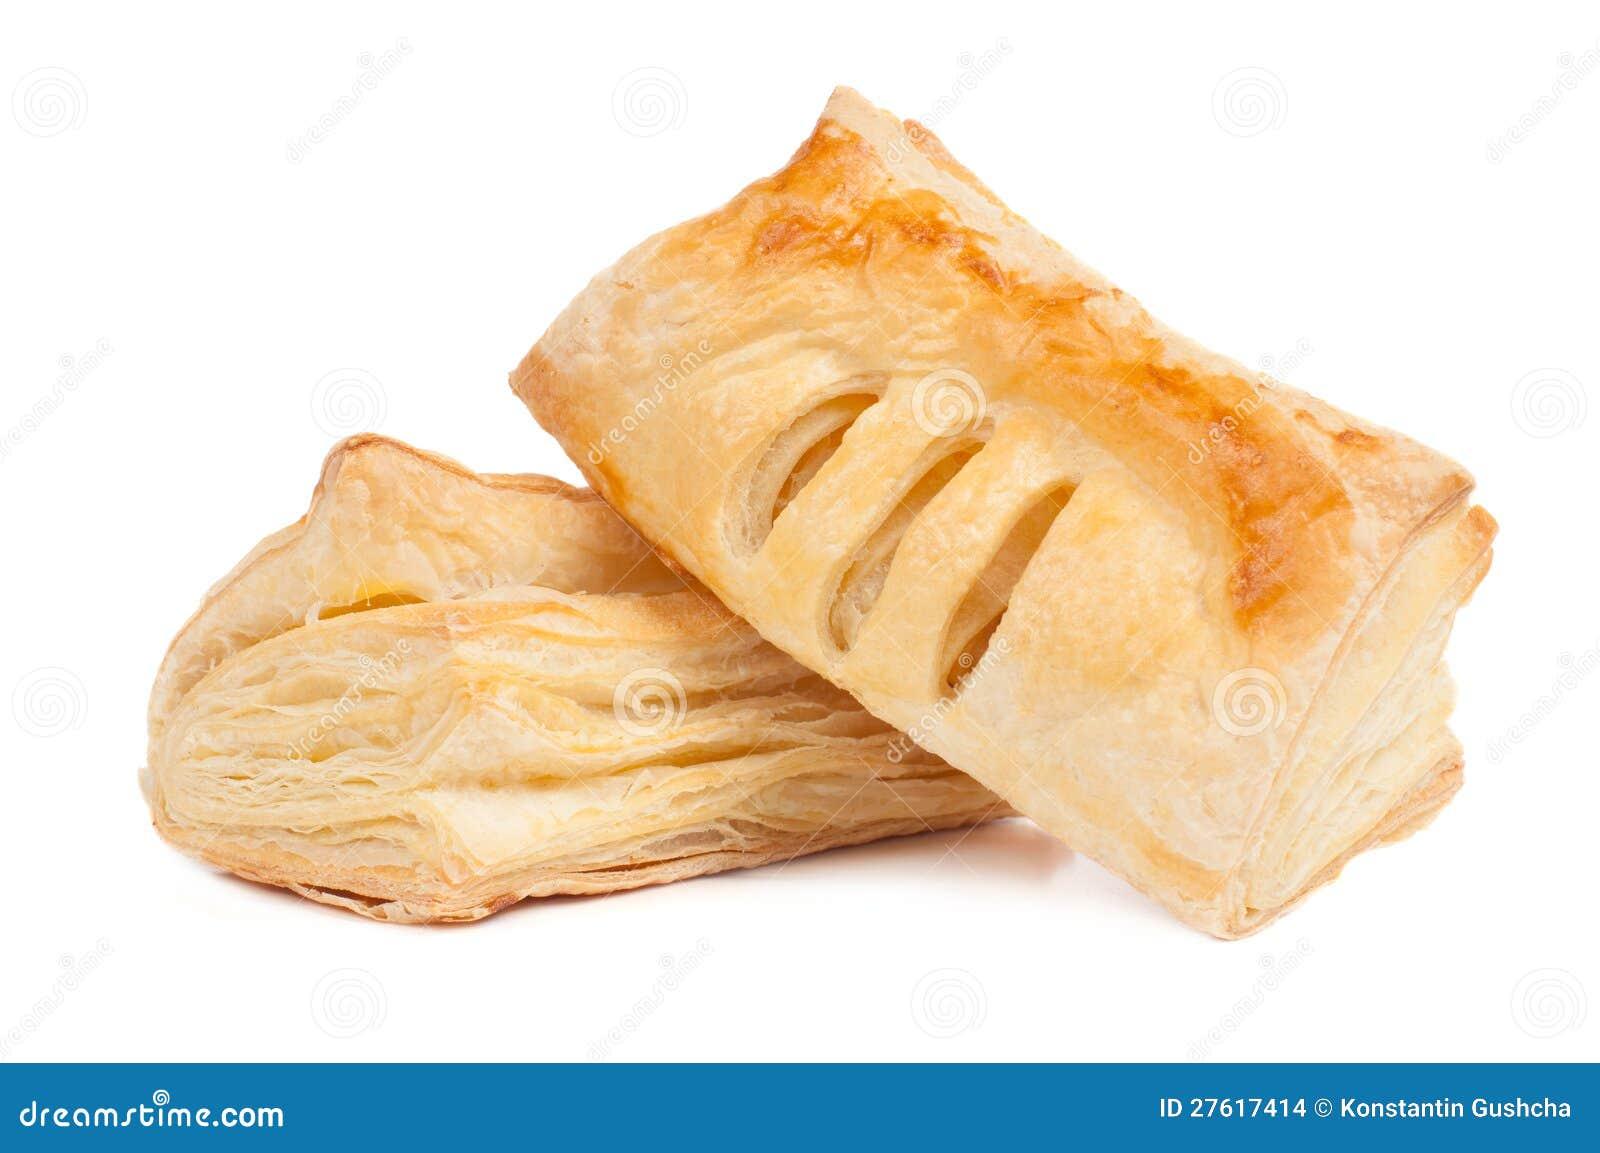 Deux parties de pâte feuilletée